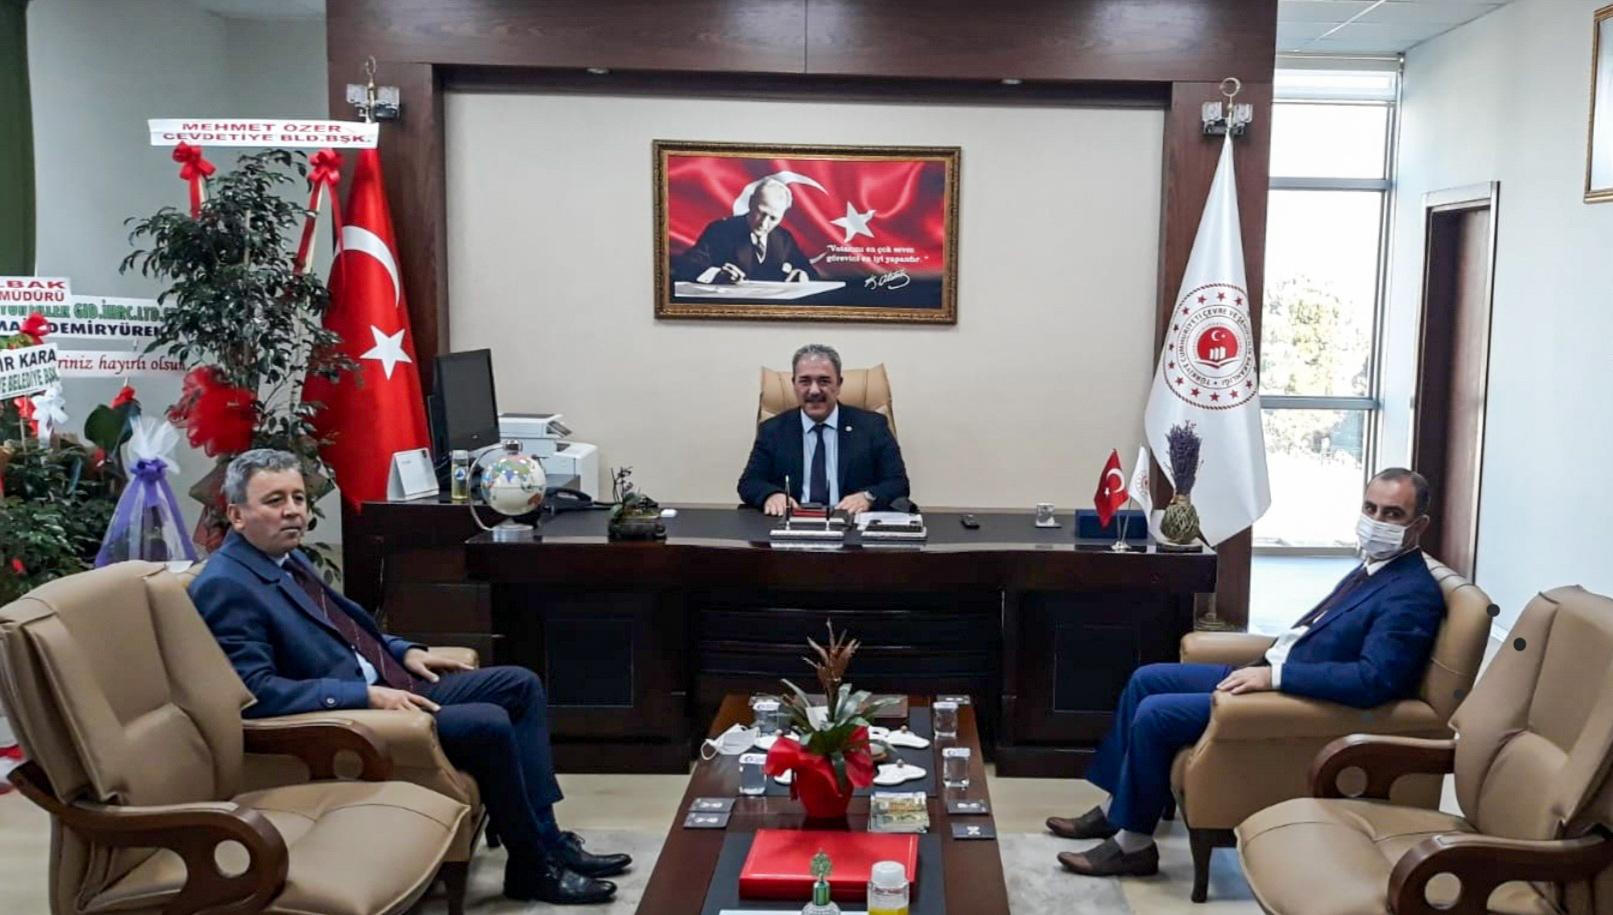 Osmaniye Gençlik ve Spor İl Müdürü Mustafa LOĞOĞLU ile Osmaniye Çalışma ve İş Kurumu İl Müdürü Ahmet ALTUNKAYNAK İl Müdürümüz İrfan Remzi YILMAZ'ı ziyaret etti.